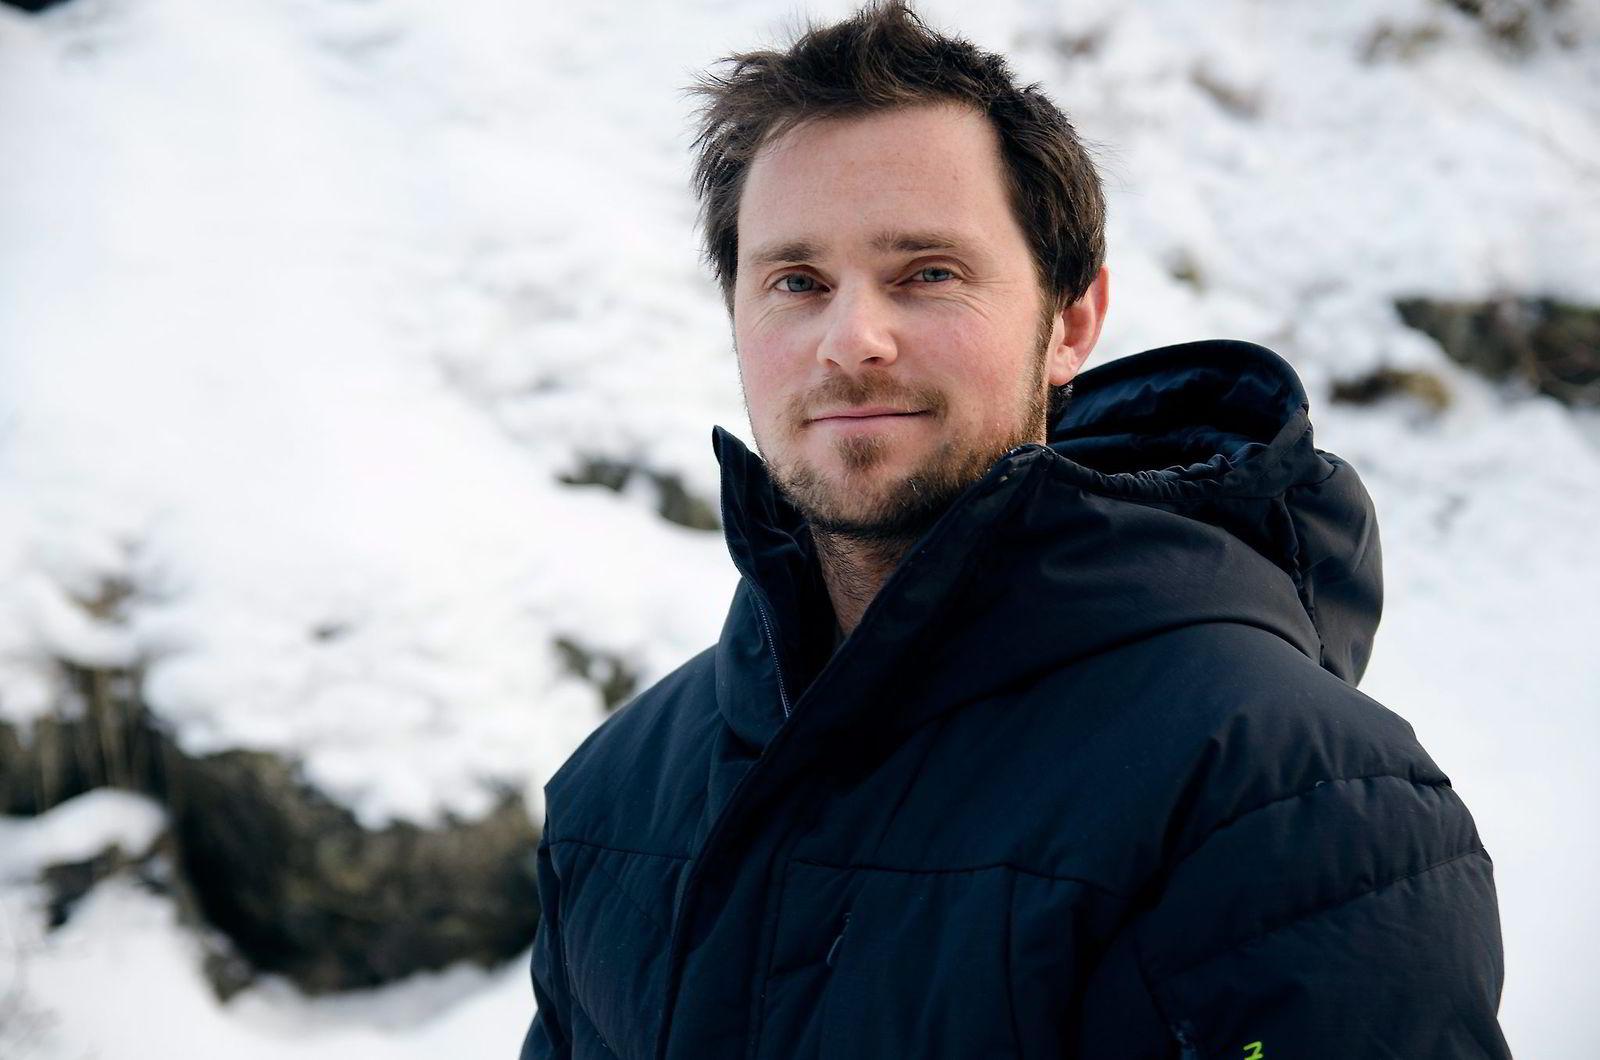 Førsteamanuensis Thomas Losnegard forsker på staking ved Norges idrettshøgskole.